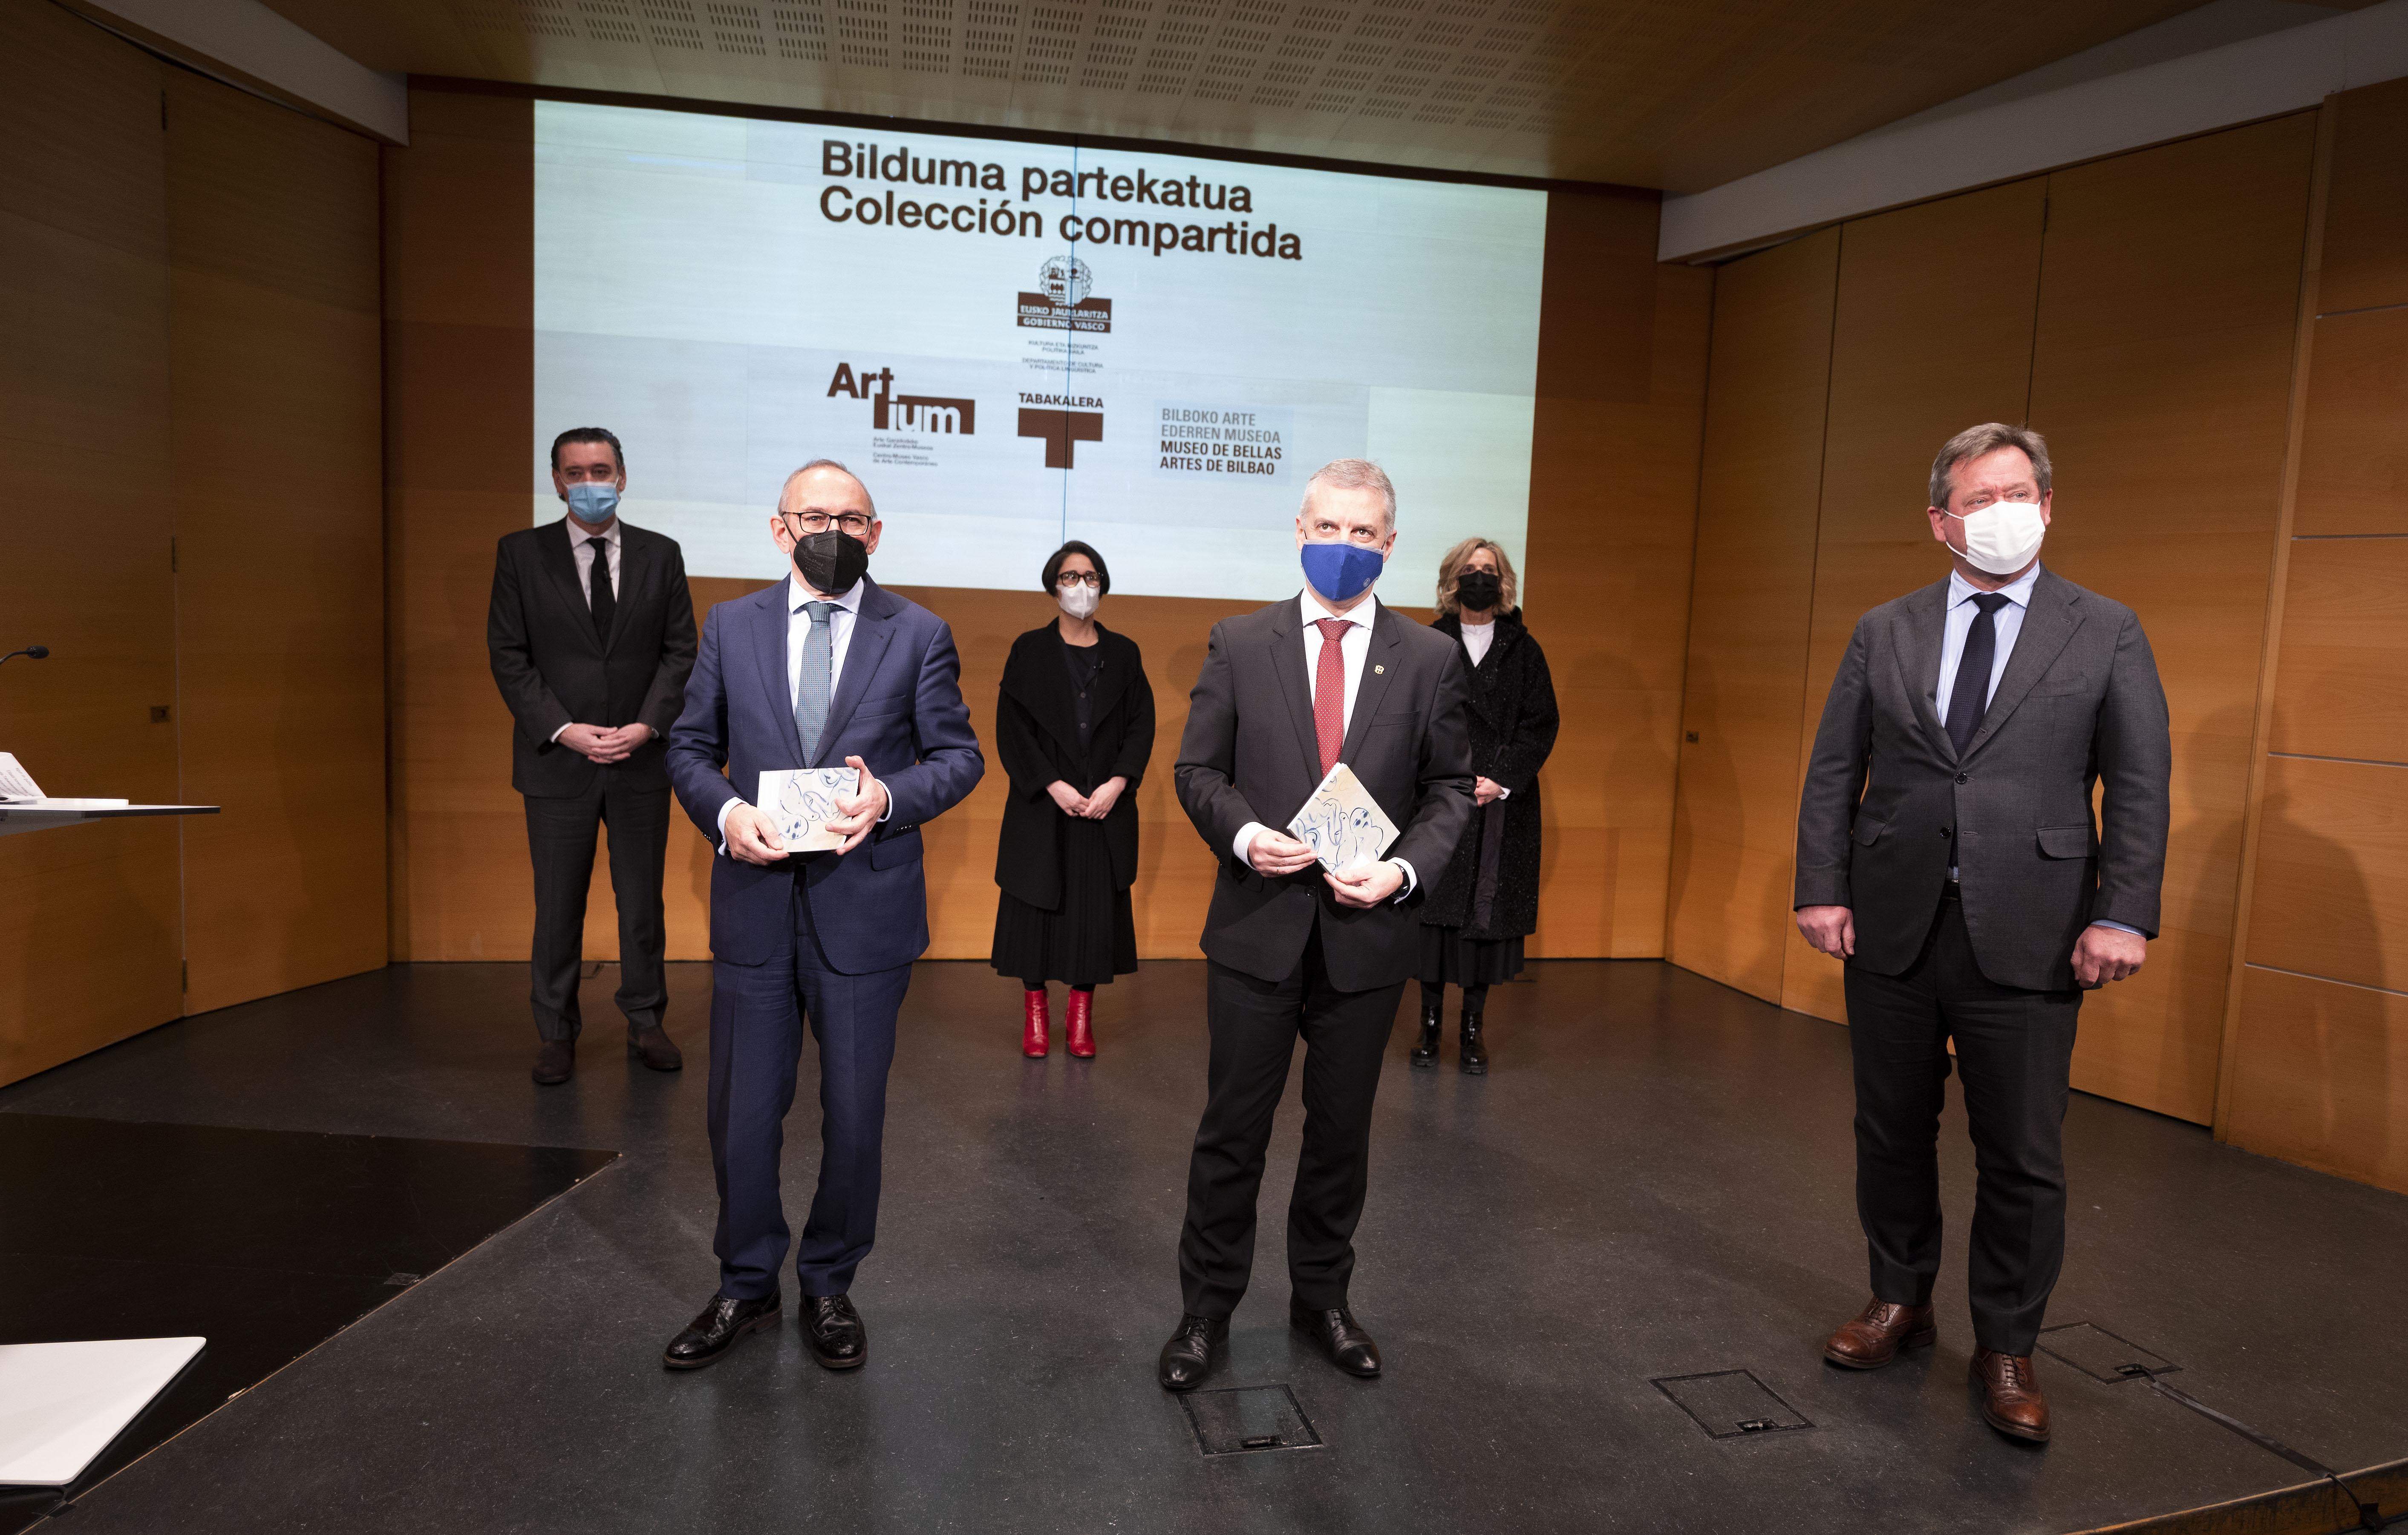 El Lehendakari visita las obras de arte adquiridas gracias a una ayuda del Gobierno Vasco para hacer frente a las consecuencias de la pandemia [7:19]